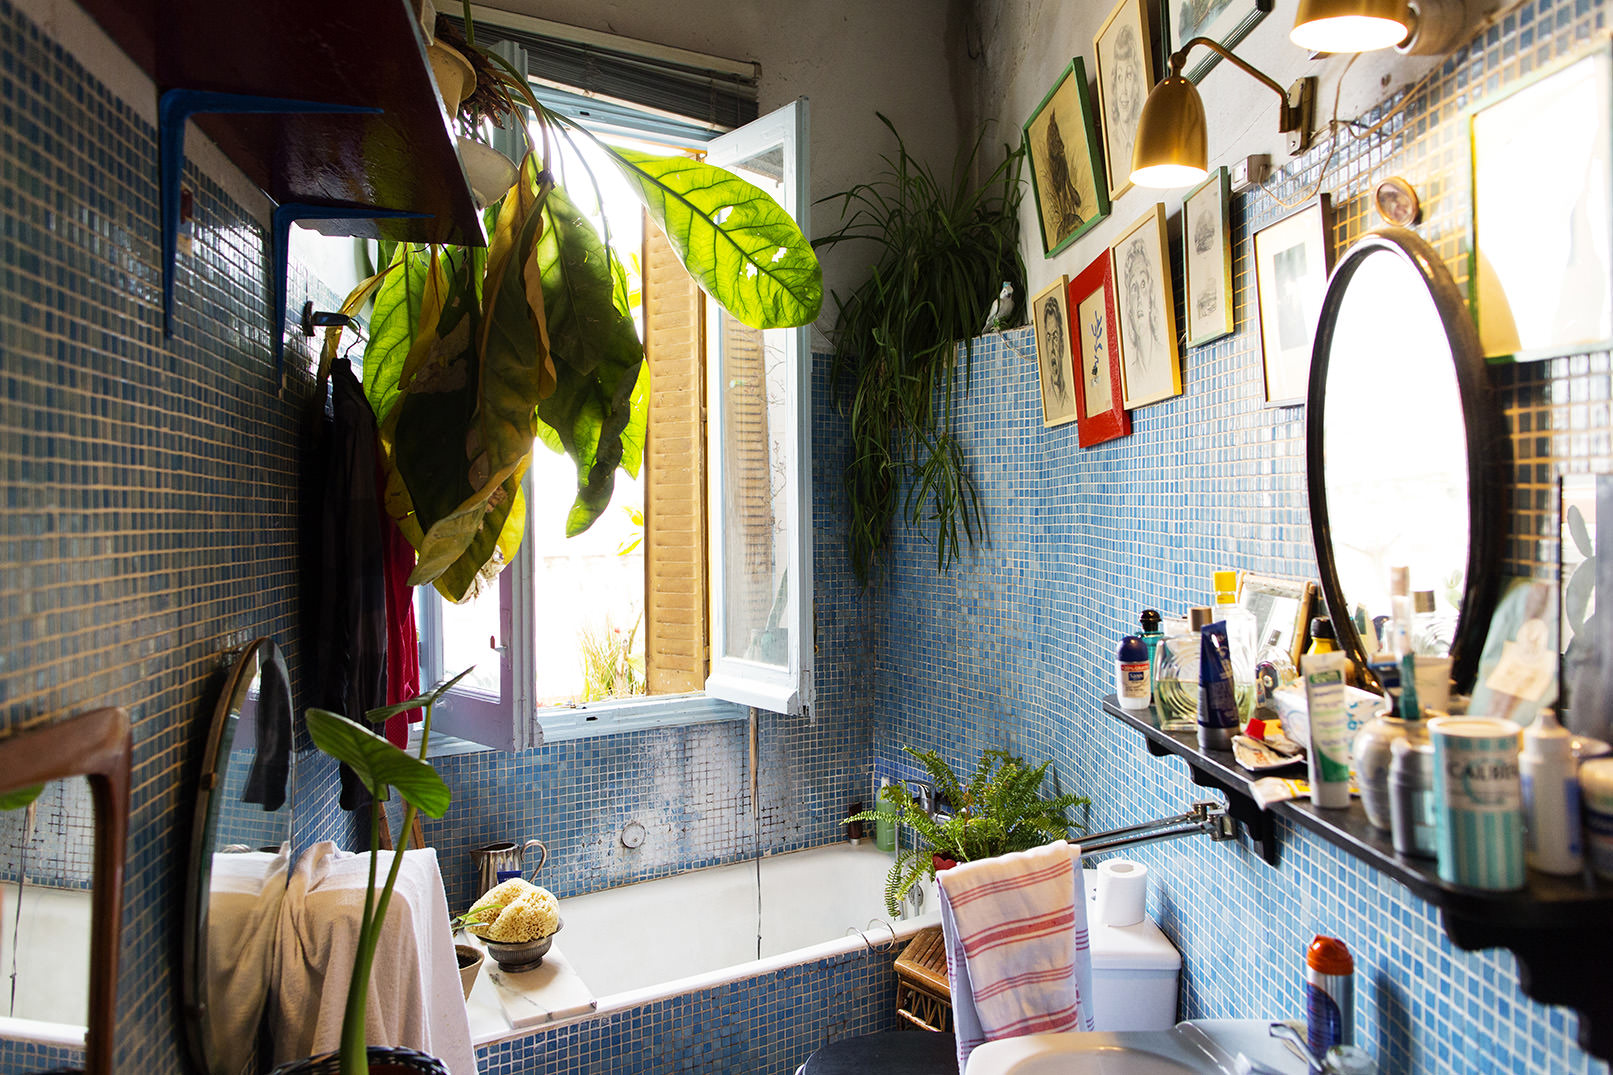 マドリッドのデザイナーの家の屋外のような明るブルーのタイル張りの明るいバスルーム1